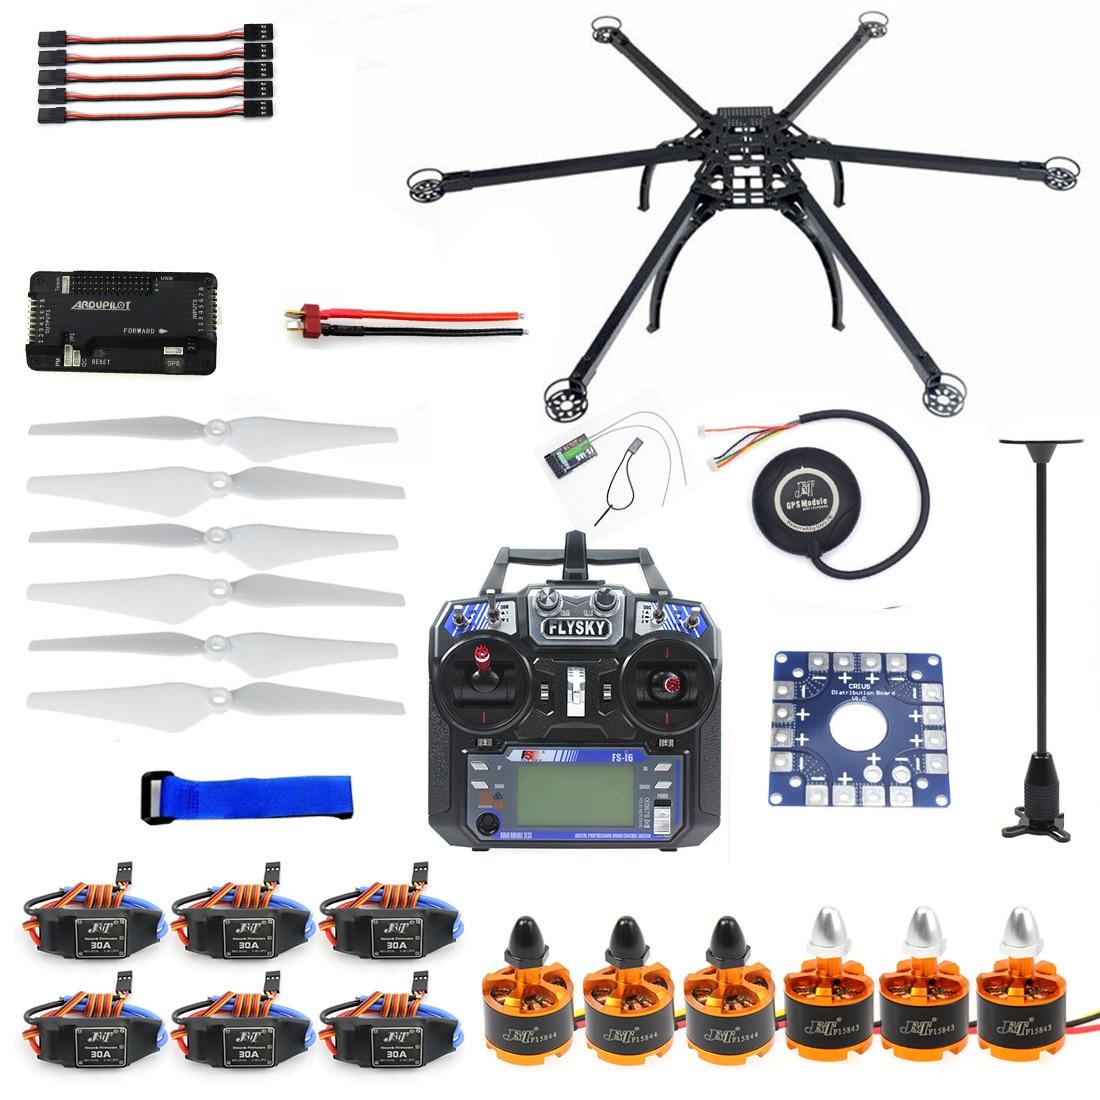 A sei assi Hexacopter Smontato GPS Drone Kit con Flysky FS-i6 6CH 2.4g TX e RX APM 2.8 Multicopter controllore di volo F10513-F